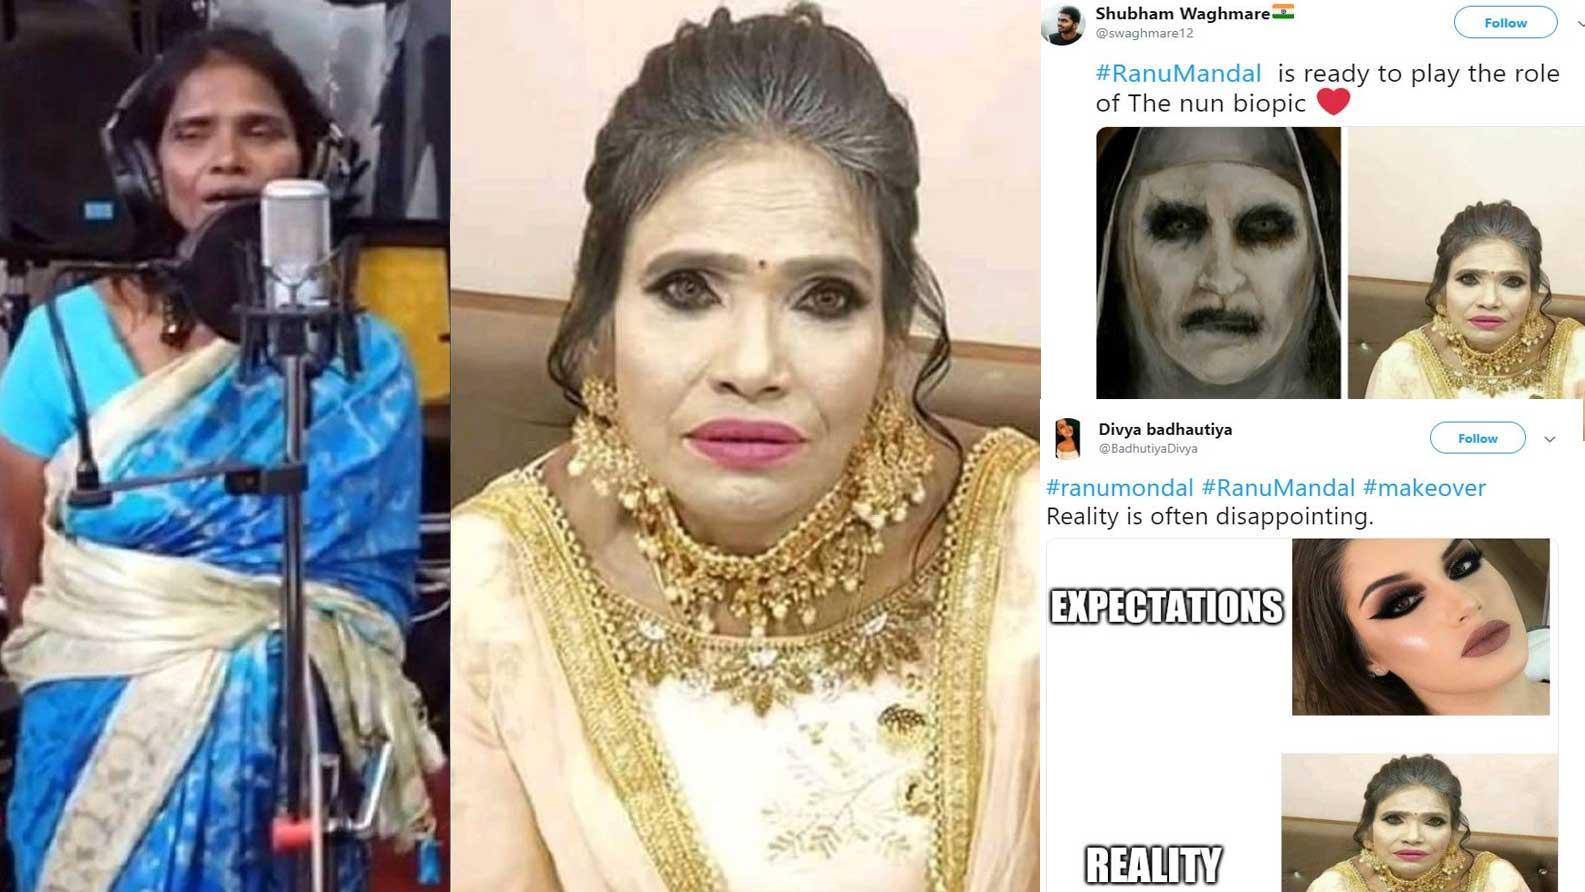 Singing sensation Ranu Mondal's makeup picture leads to hilarious meme fest